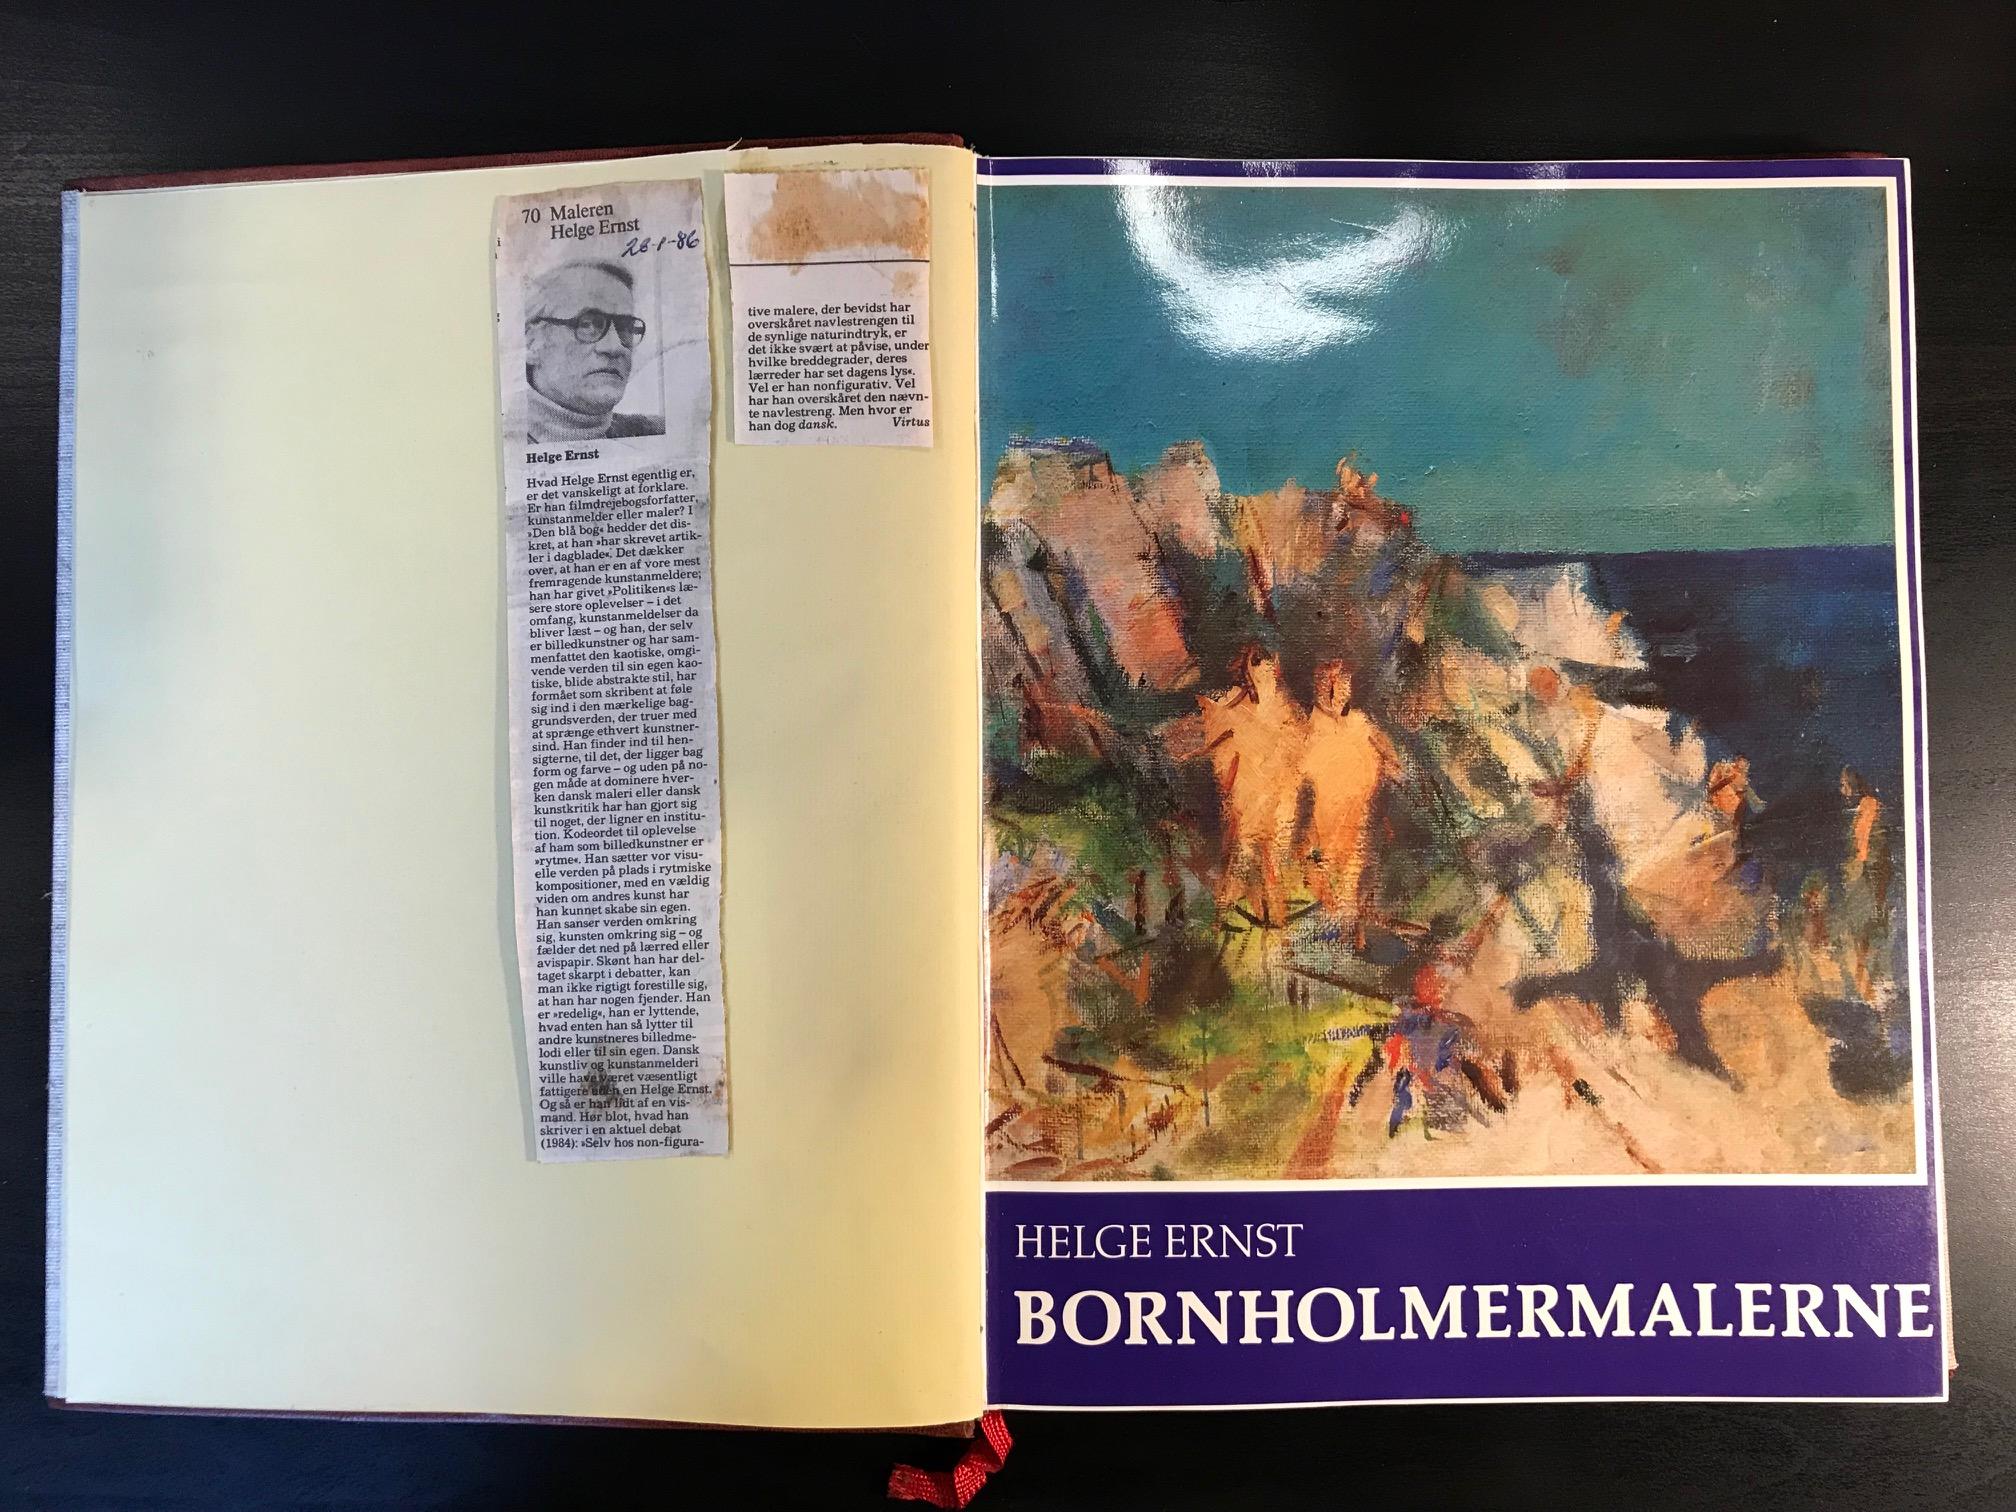 Bornholmermalerne - og malerne på Bornholm